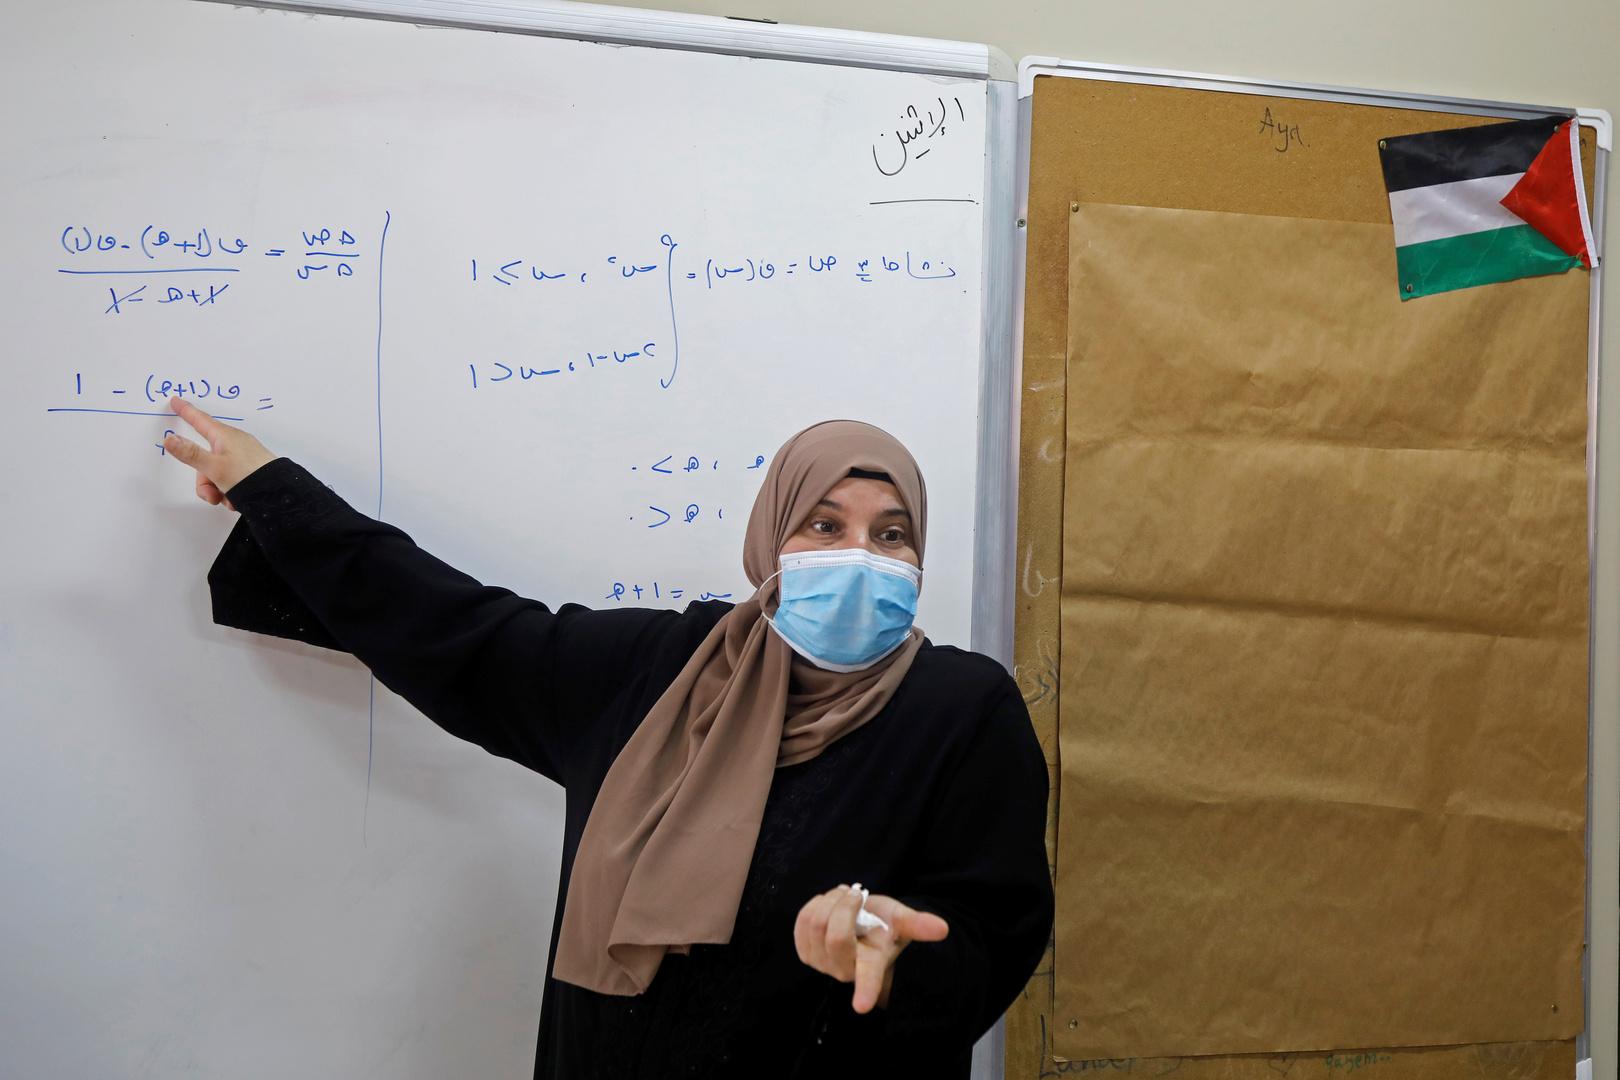 للمرة الأولى منذ 52 يوما.. 312 إصابة جديدة بكورونا ولا وفيات بين الفلسطينيين